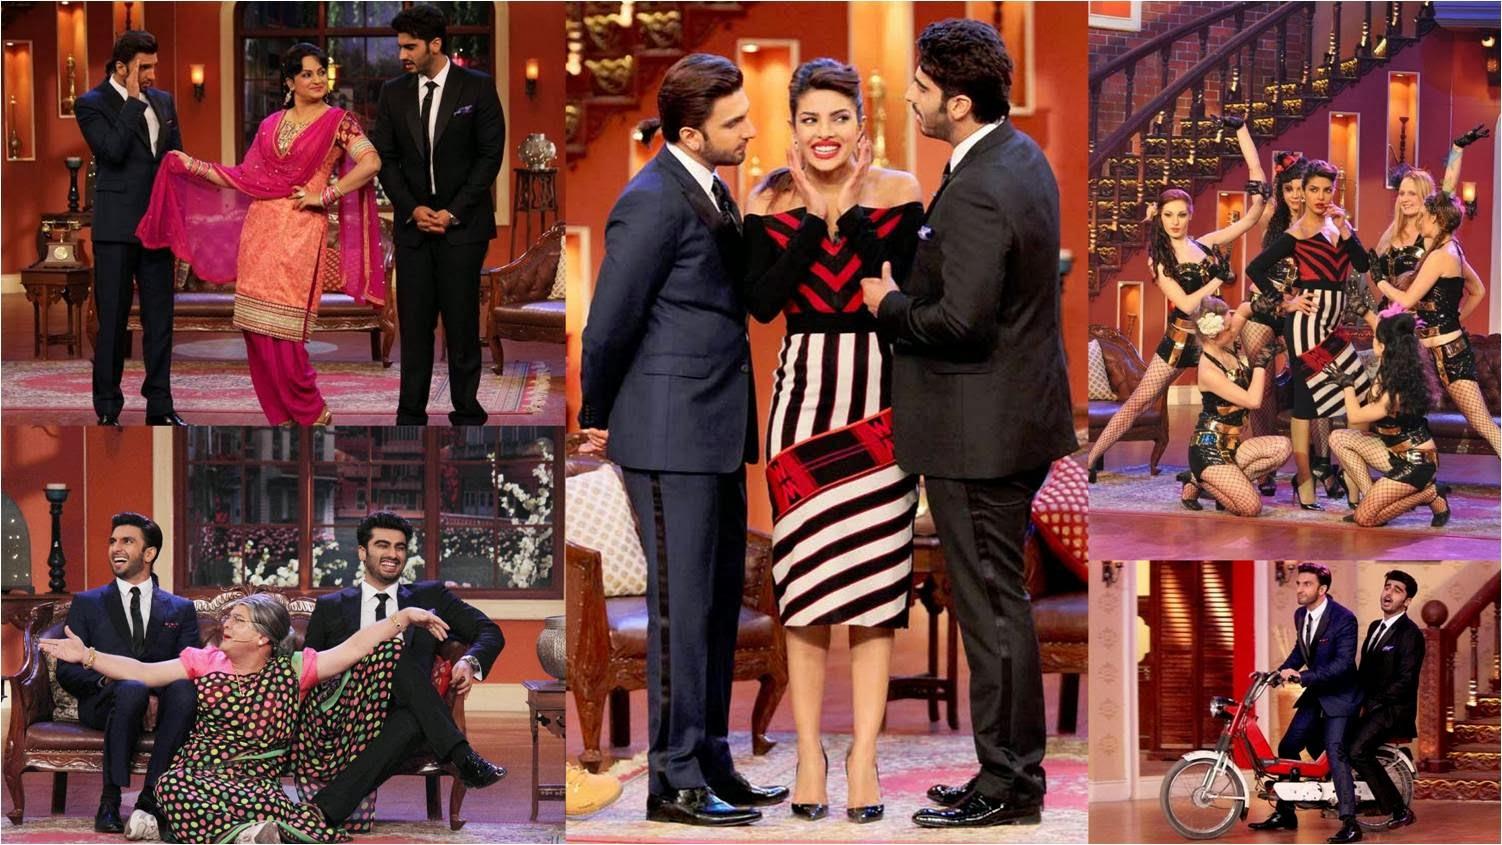 Arjun Kapoor, Priyanka Chopra and Ranveer Singh laughing at Comedy Nights with Kapil